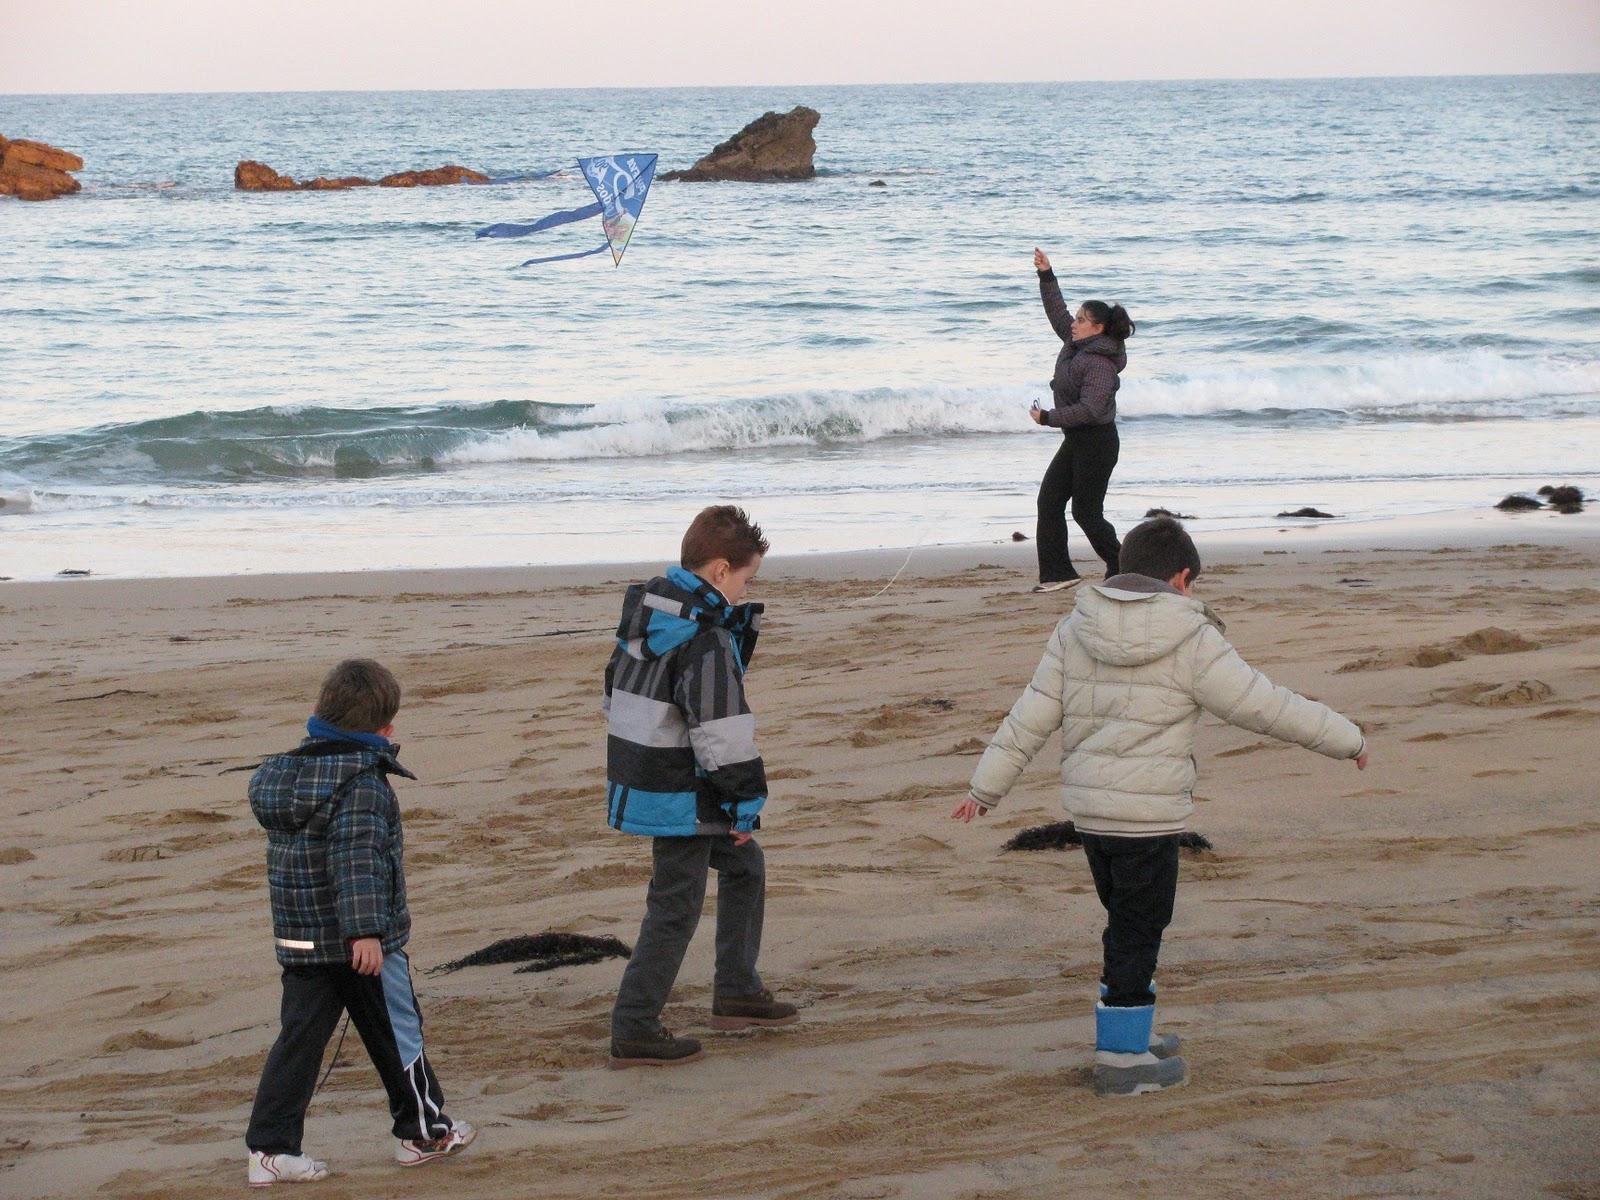 Resultado de imagen para volar cometas en la playa